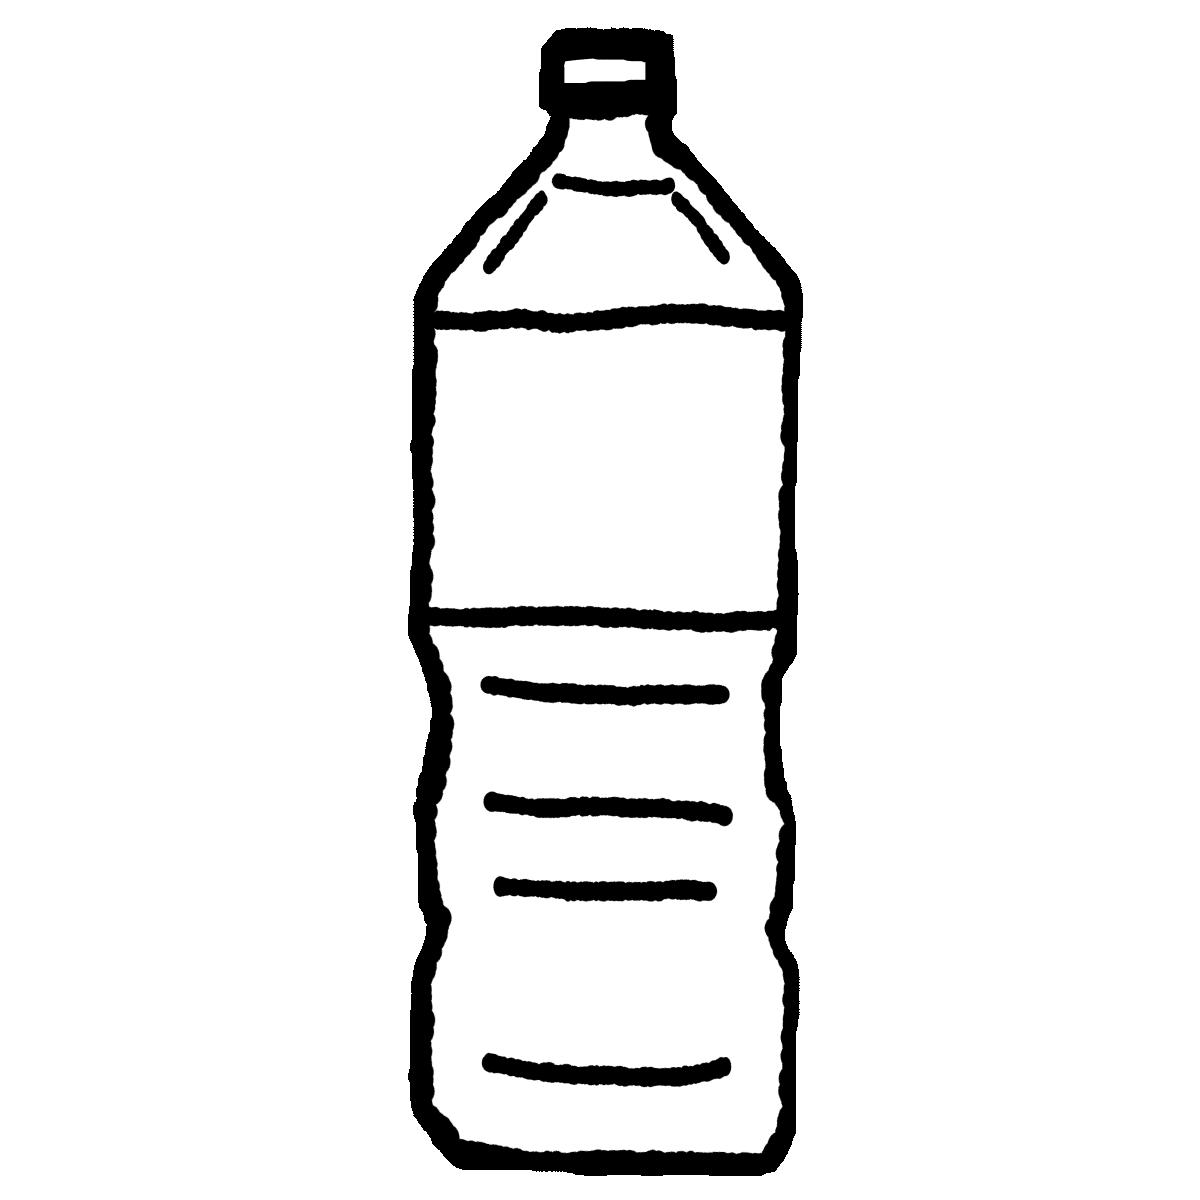 ペットボトル(大)のイラスト / Large plastic bottle Illustration